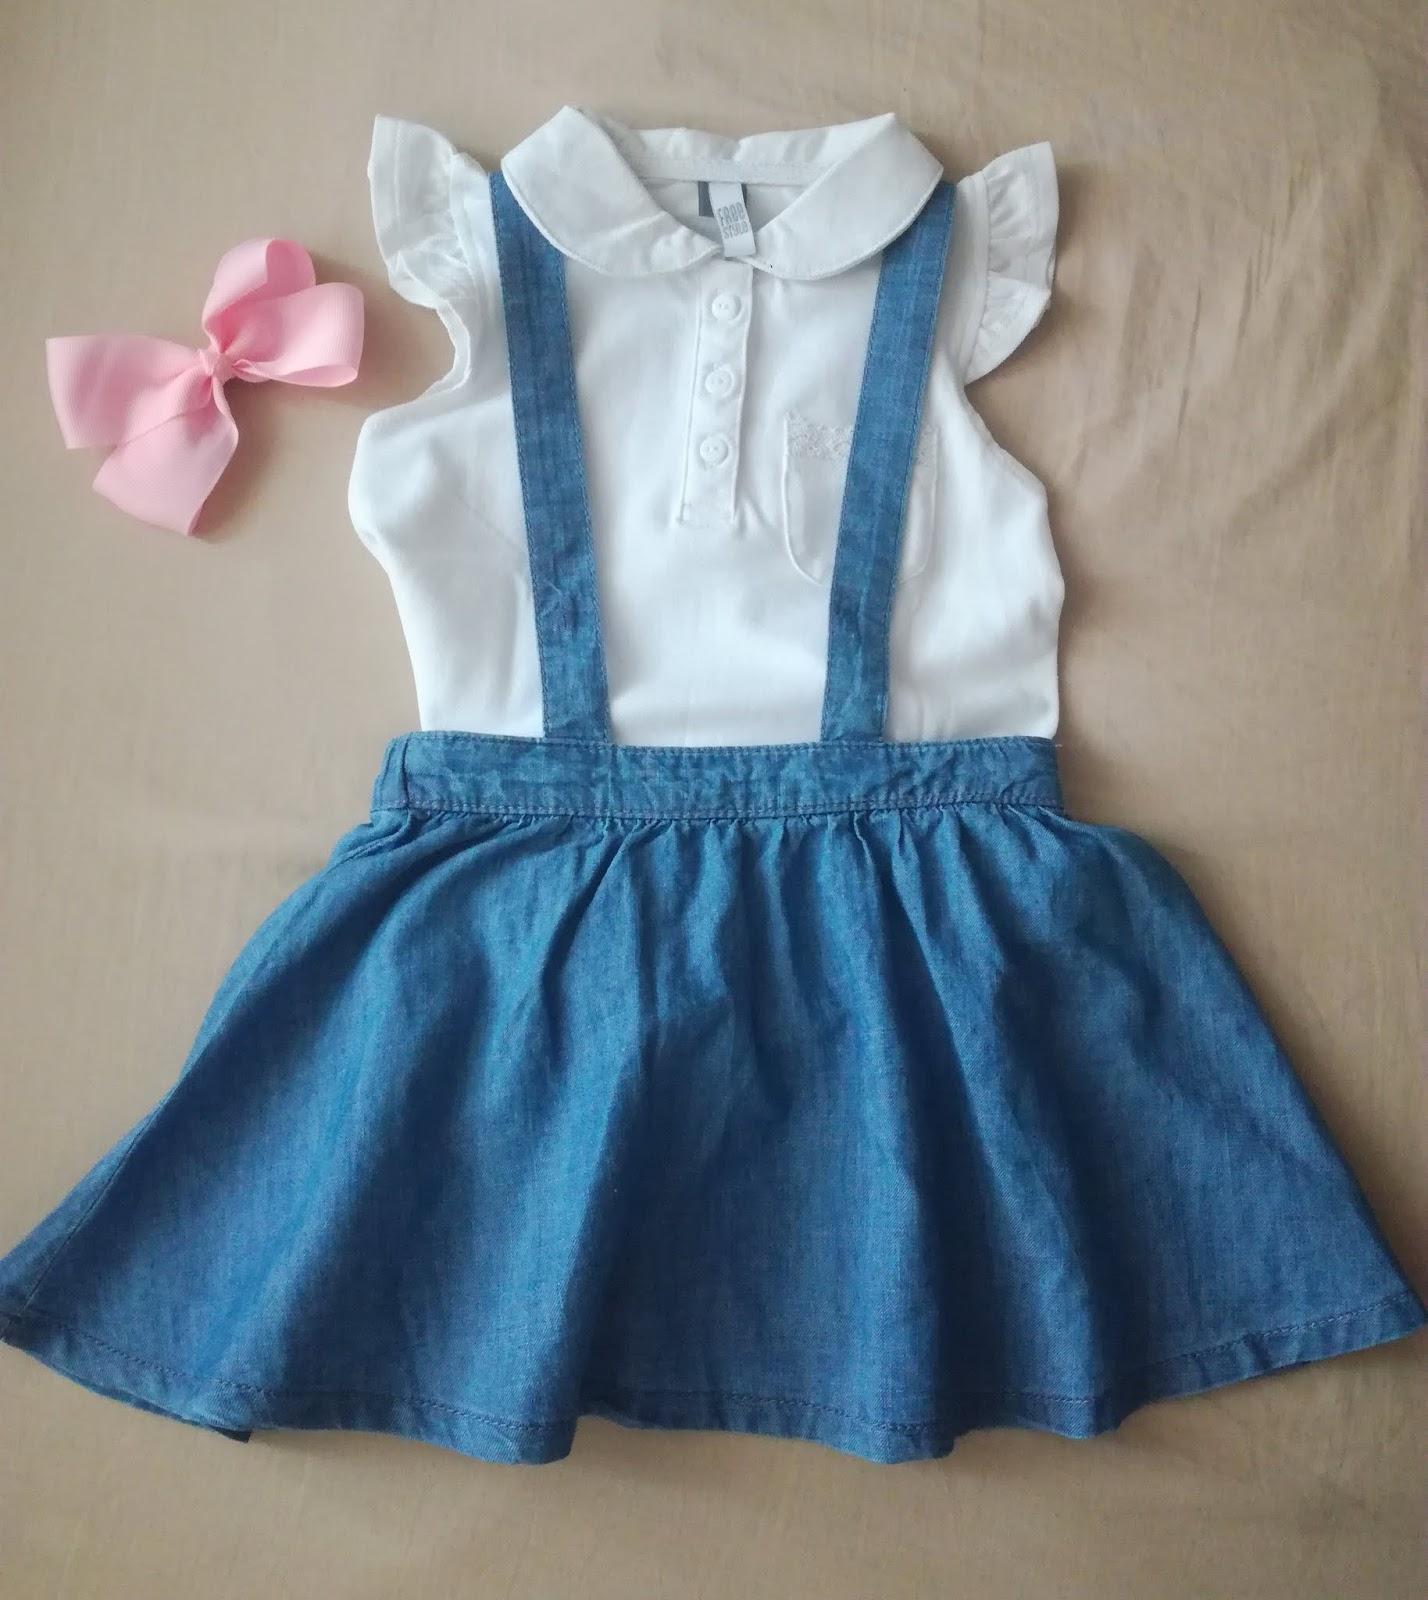 5f8efa5ce Con camiseta rosa bebé de Dulces de ECI muy sweet como diría mi querida  Toñi: